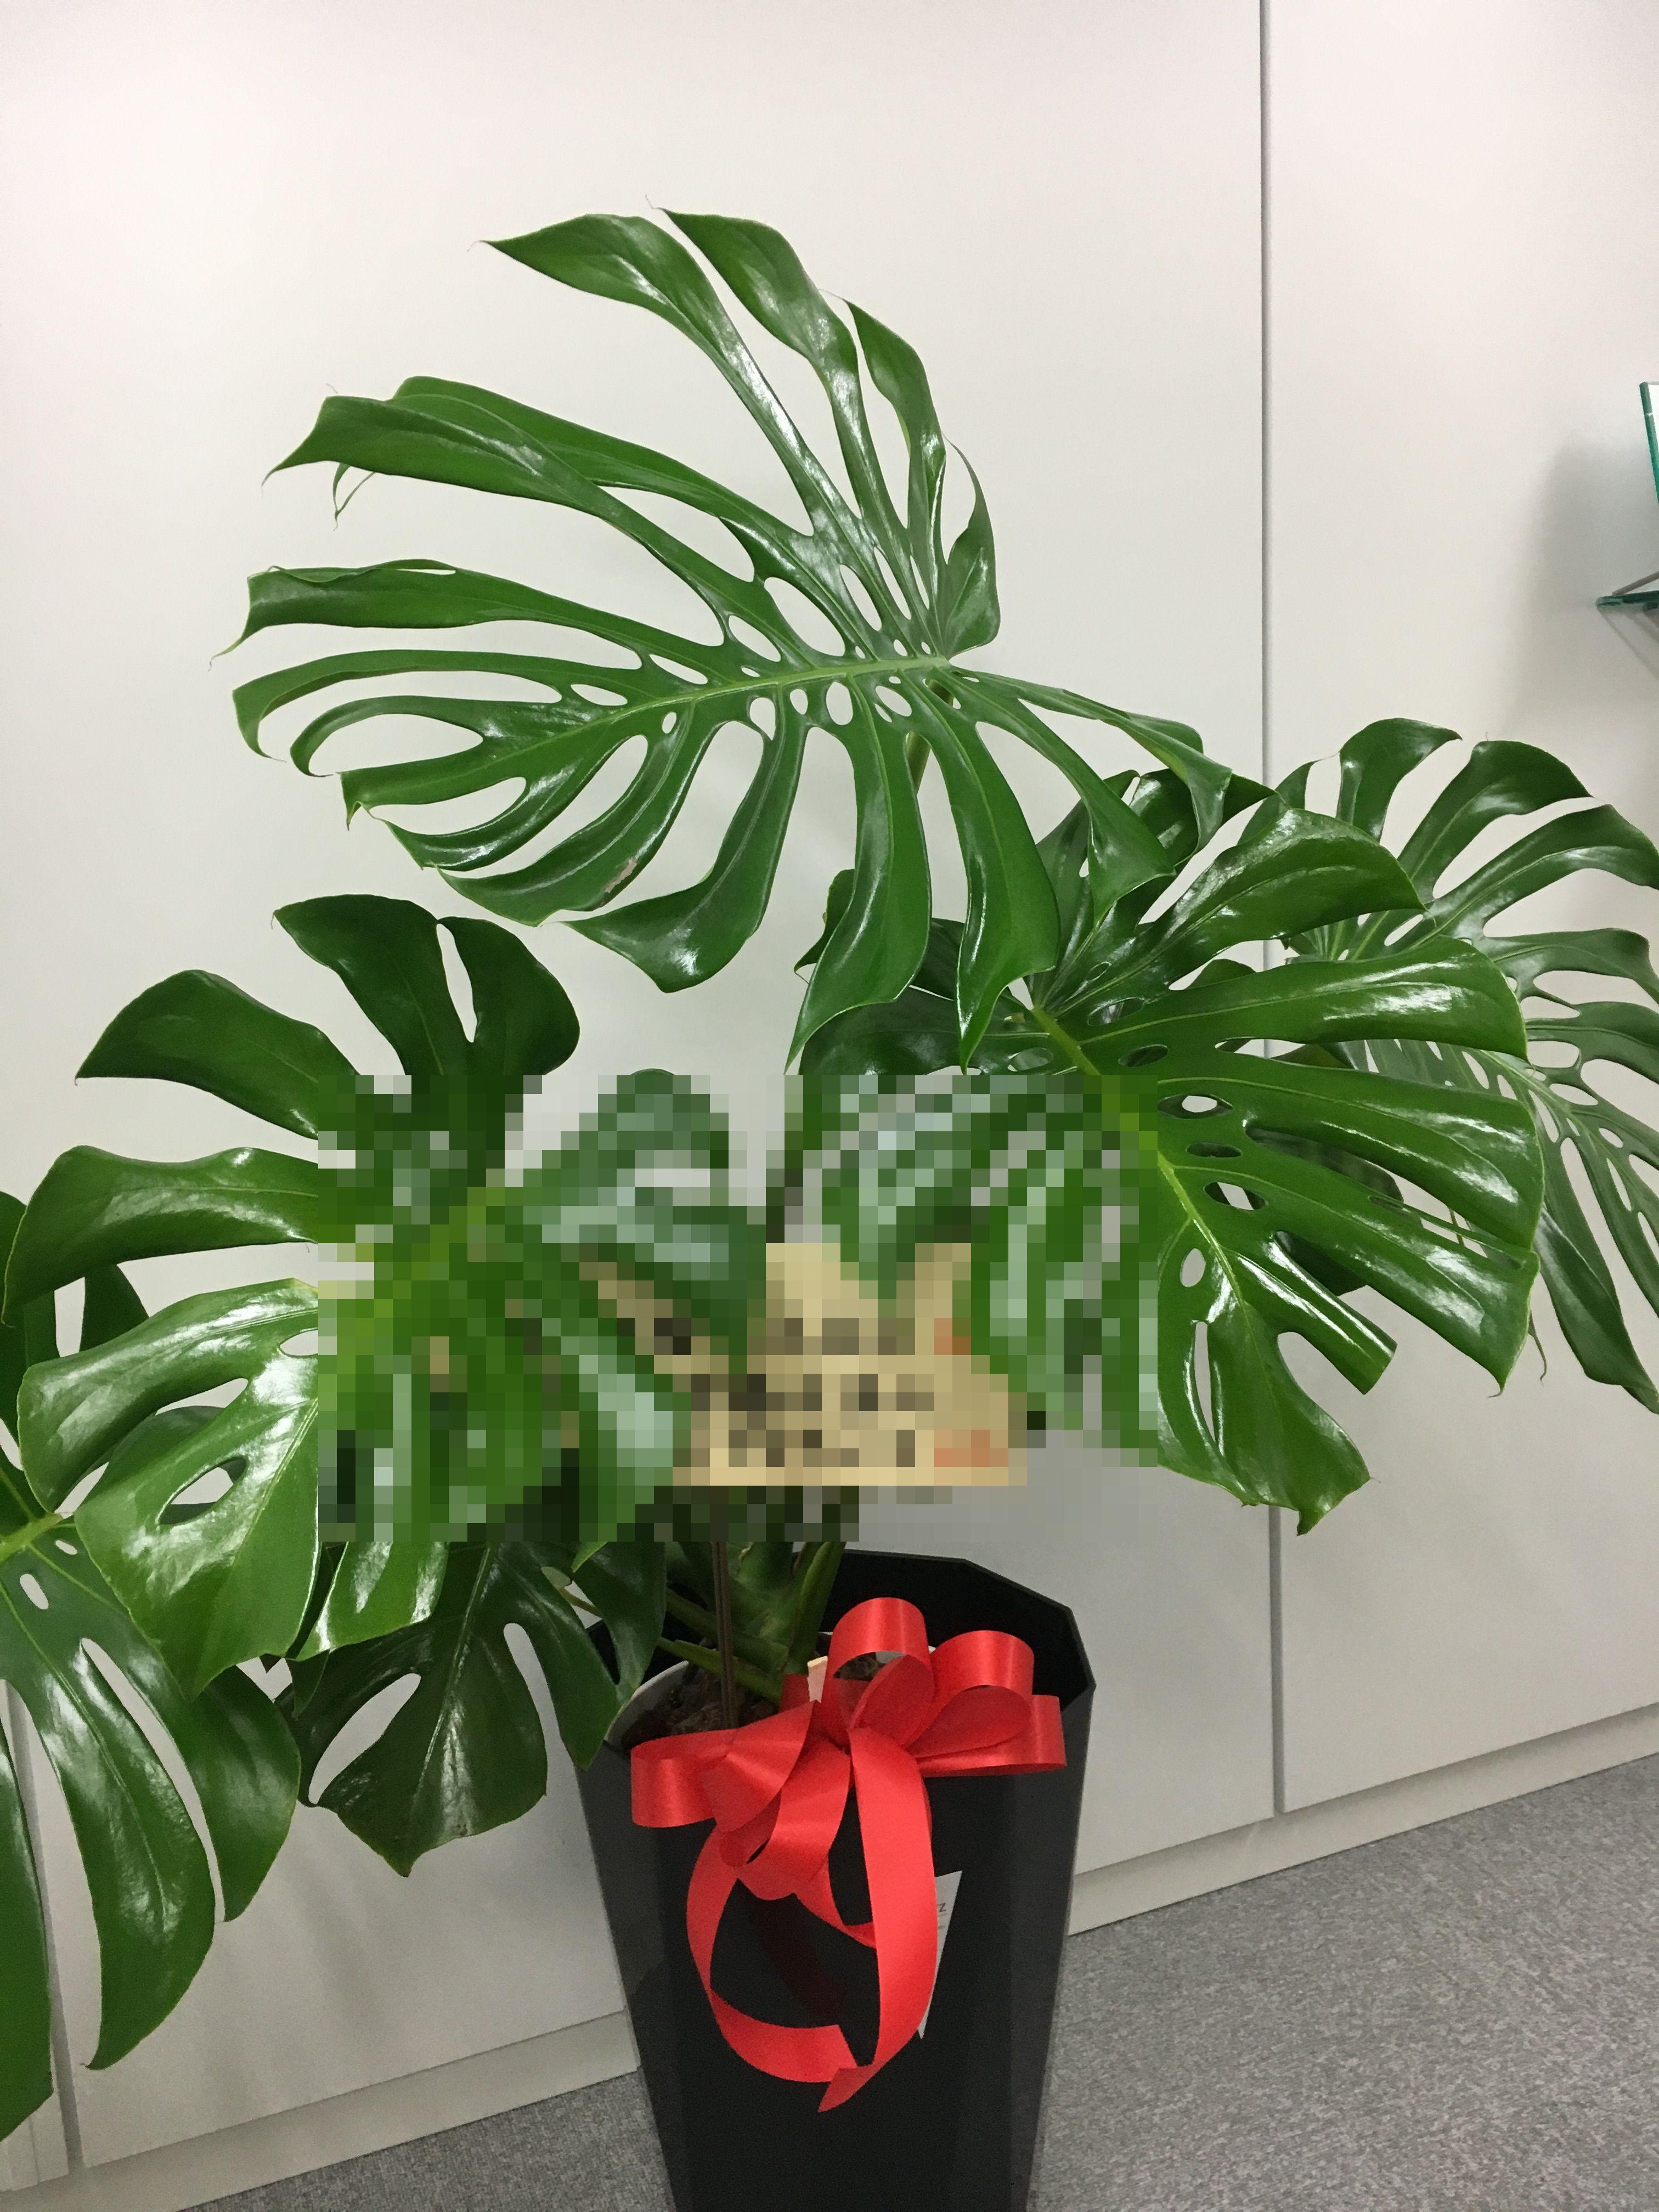 横浜市関内へ観葉植物を即日当日配達しました!【横浜花屋の花束・スタンド花・胡蝶蘭・バルーン・アレンジメント配達事例288】